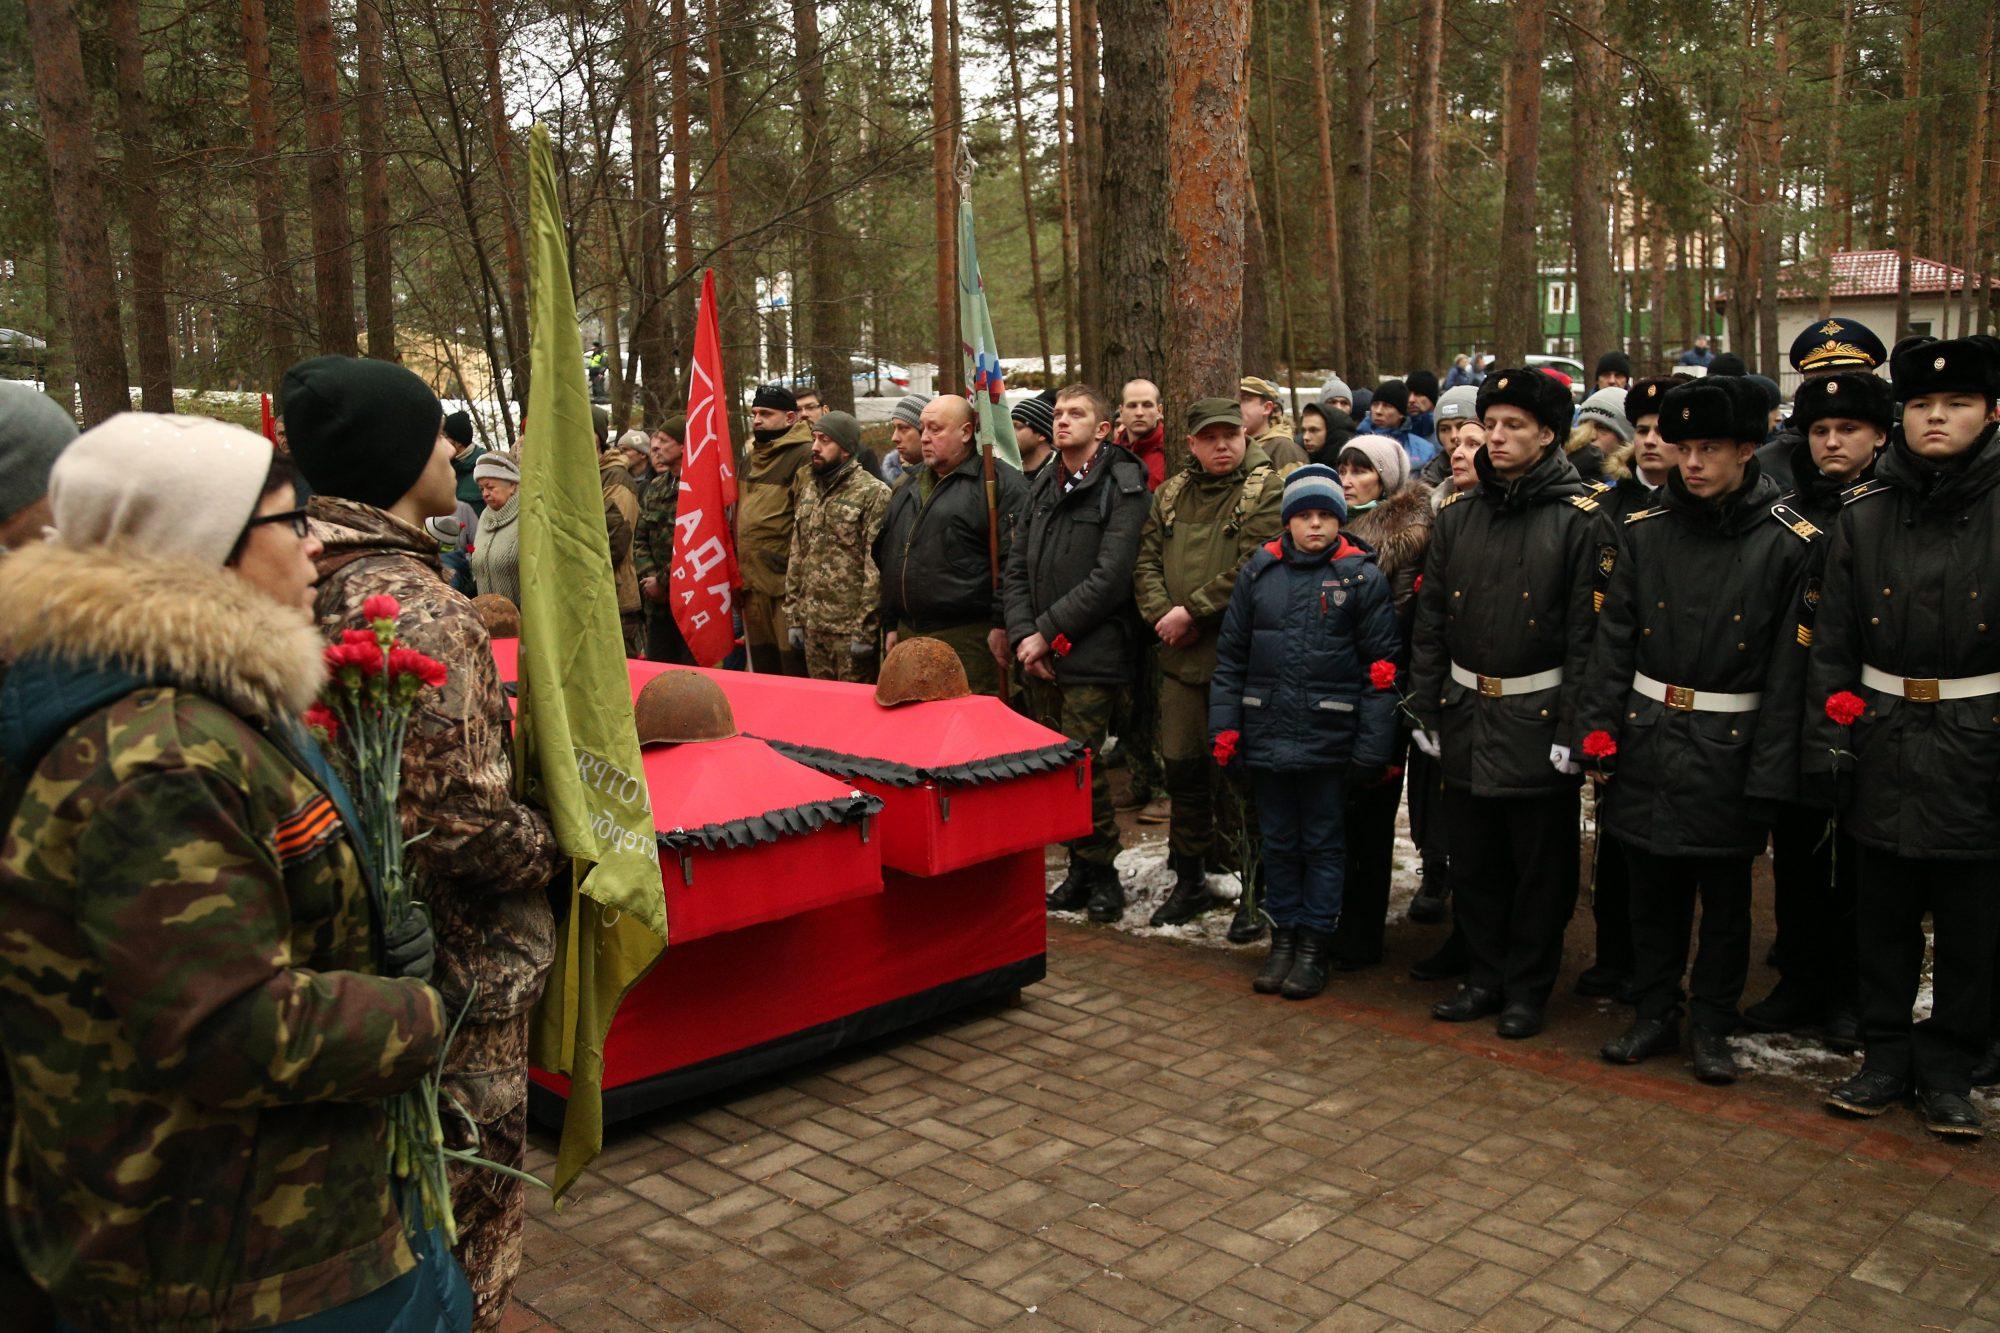 поисковые отряды воинские захоронения останки солдат бойцов вов великой отечественной войны церемония траурная сестрорецк